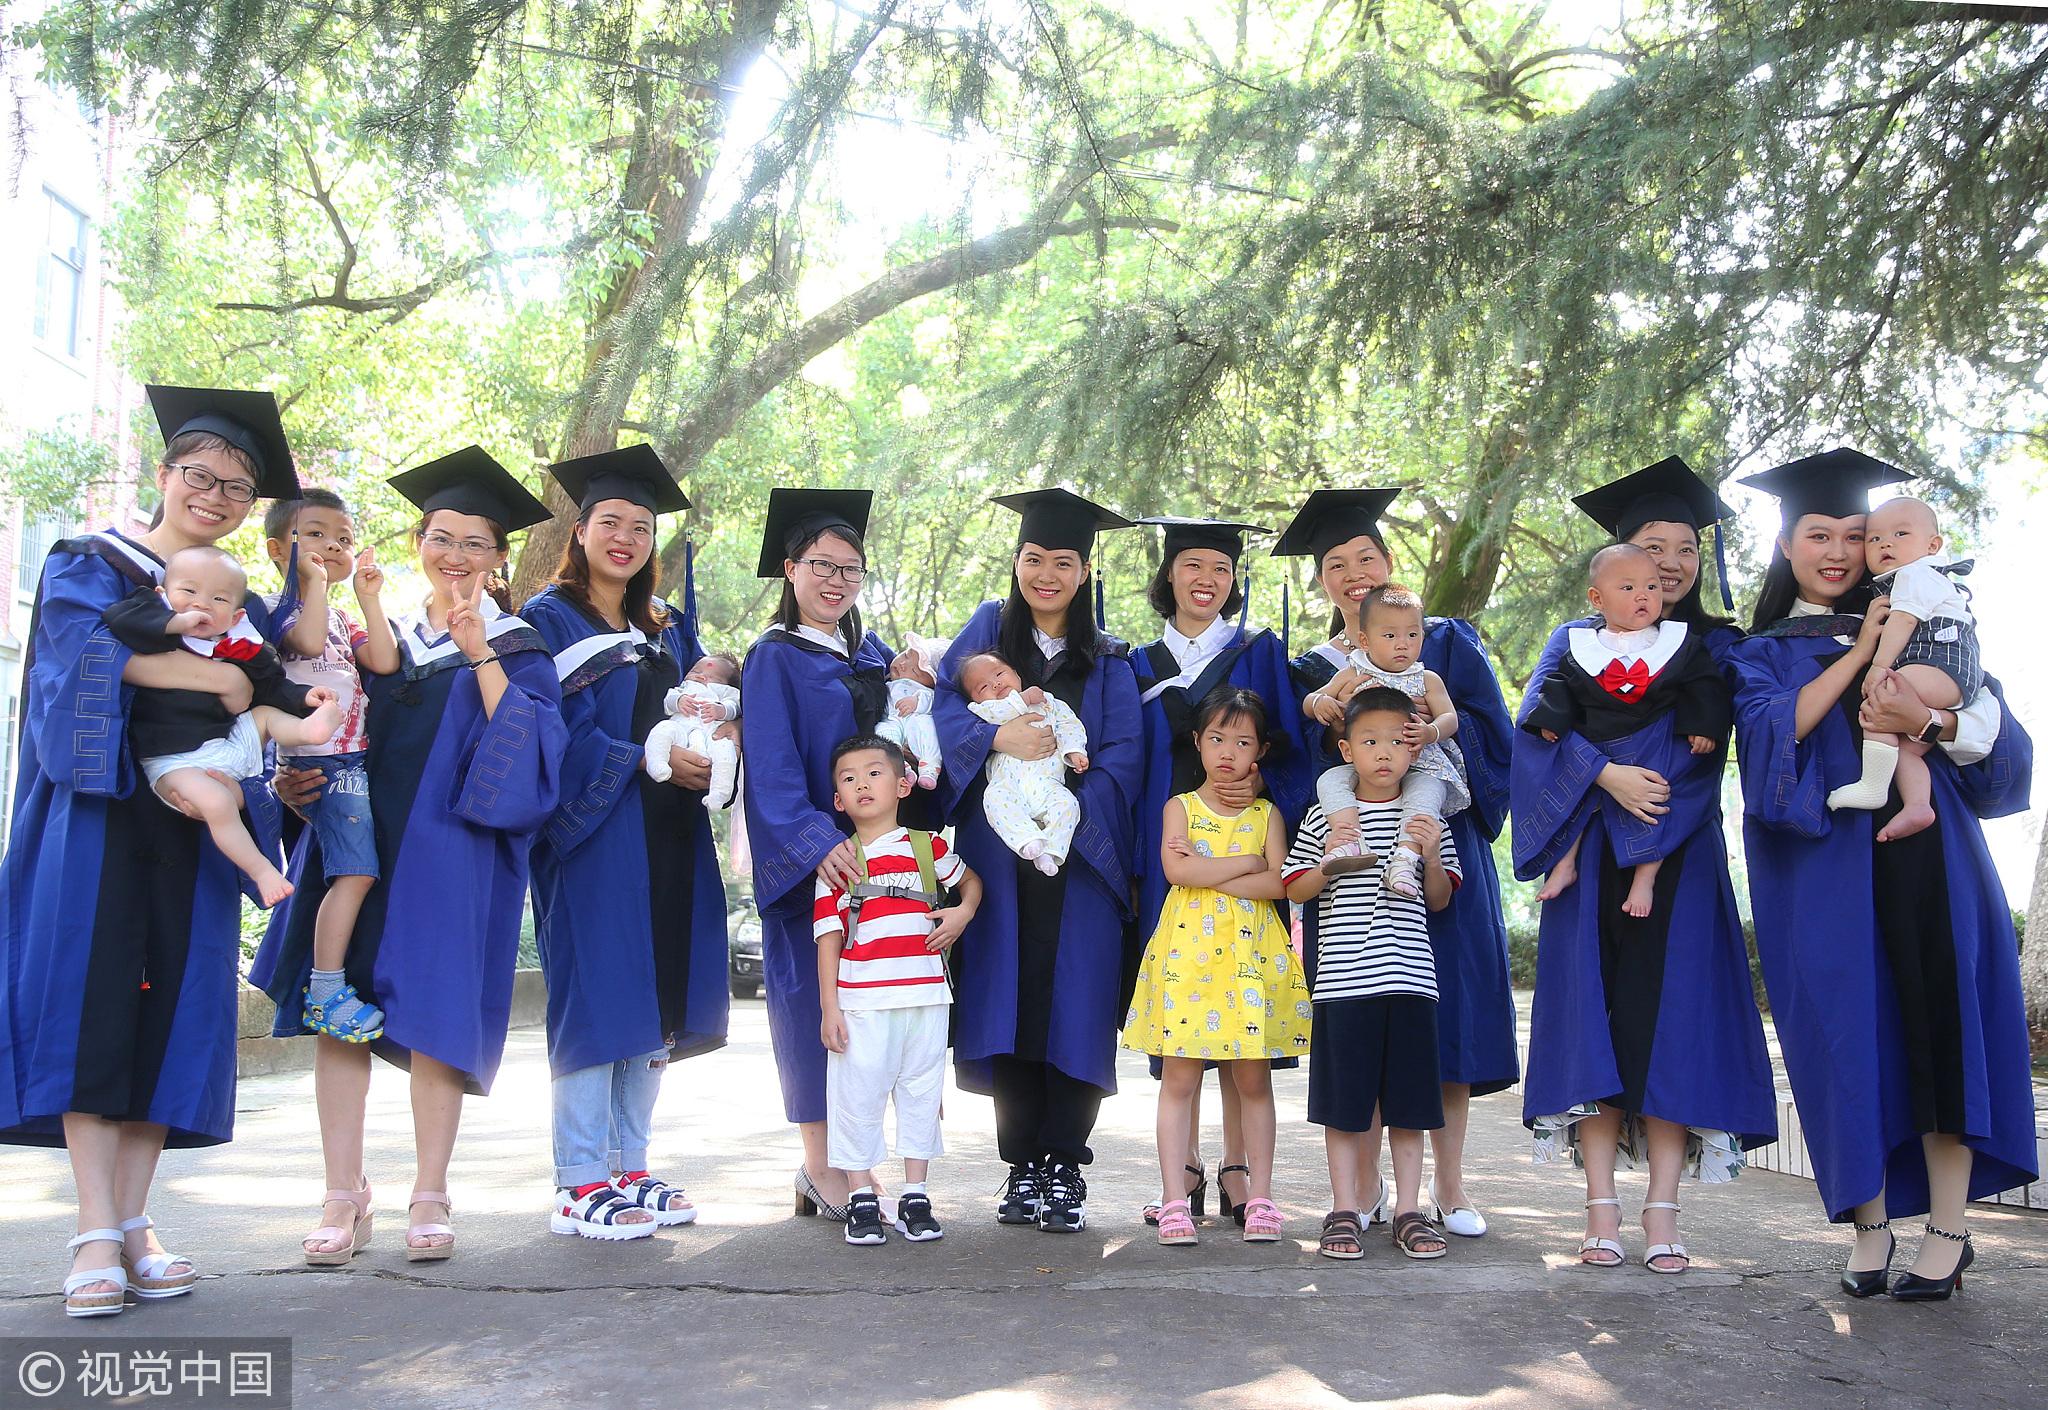 10位硕士妈妈迎毕业 带孩子见证毕业典礼